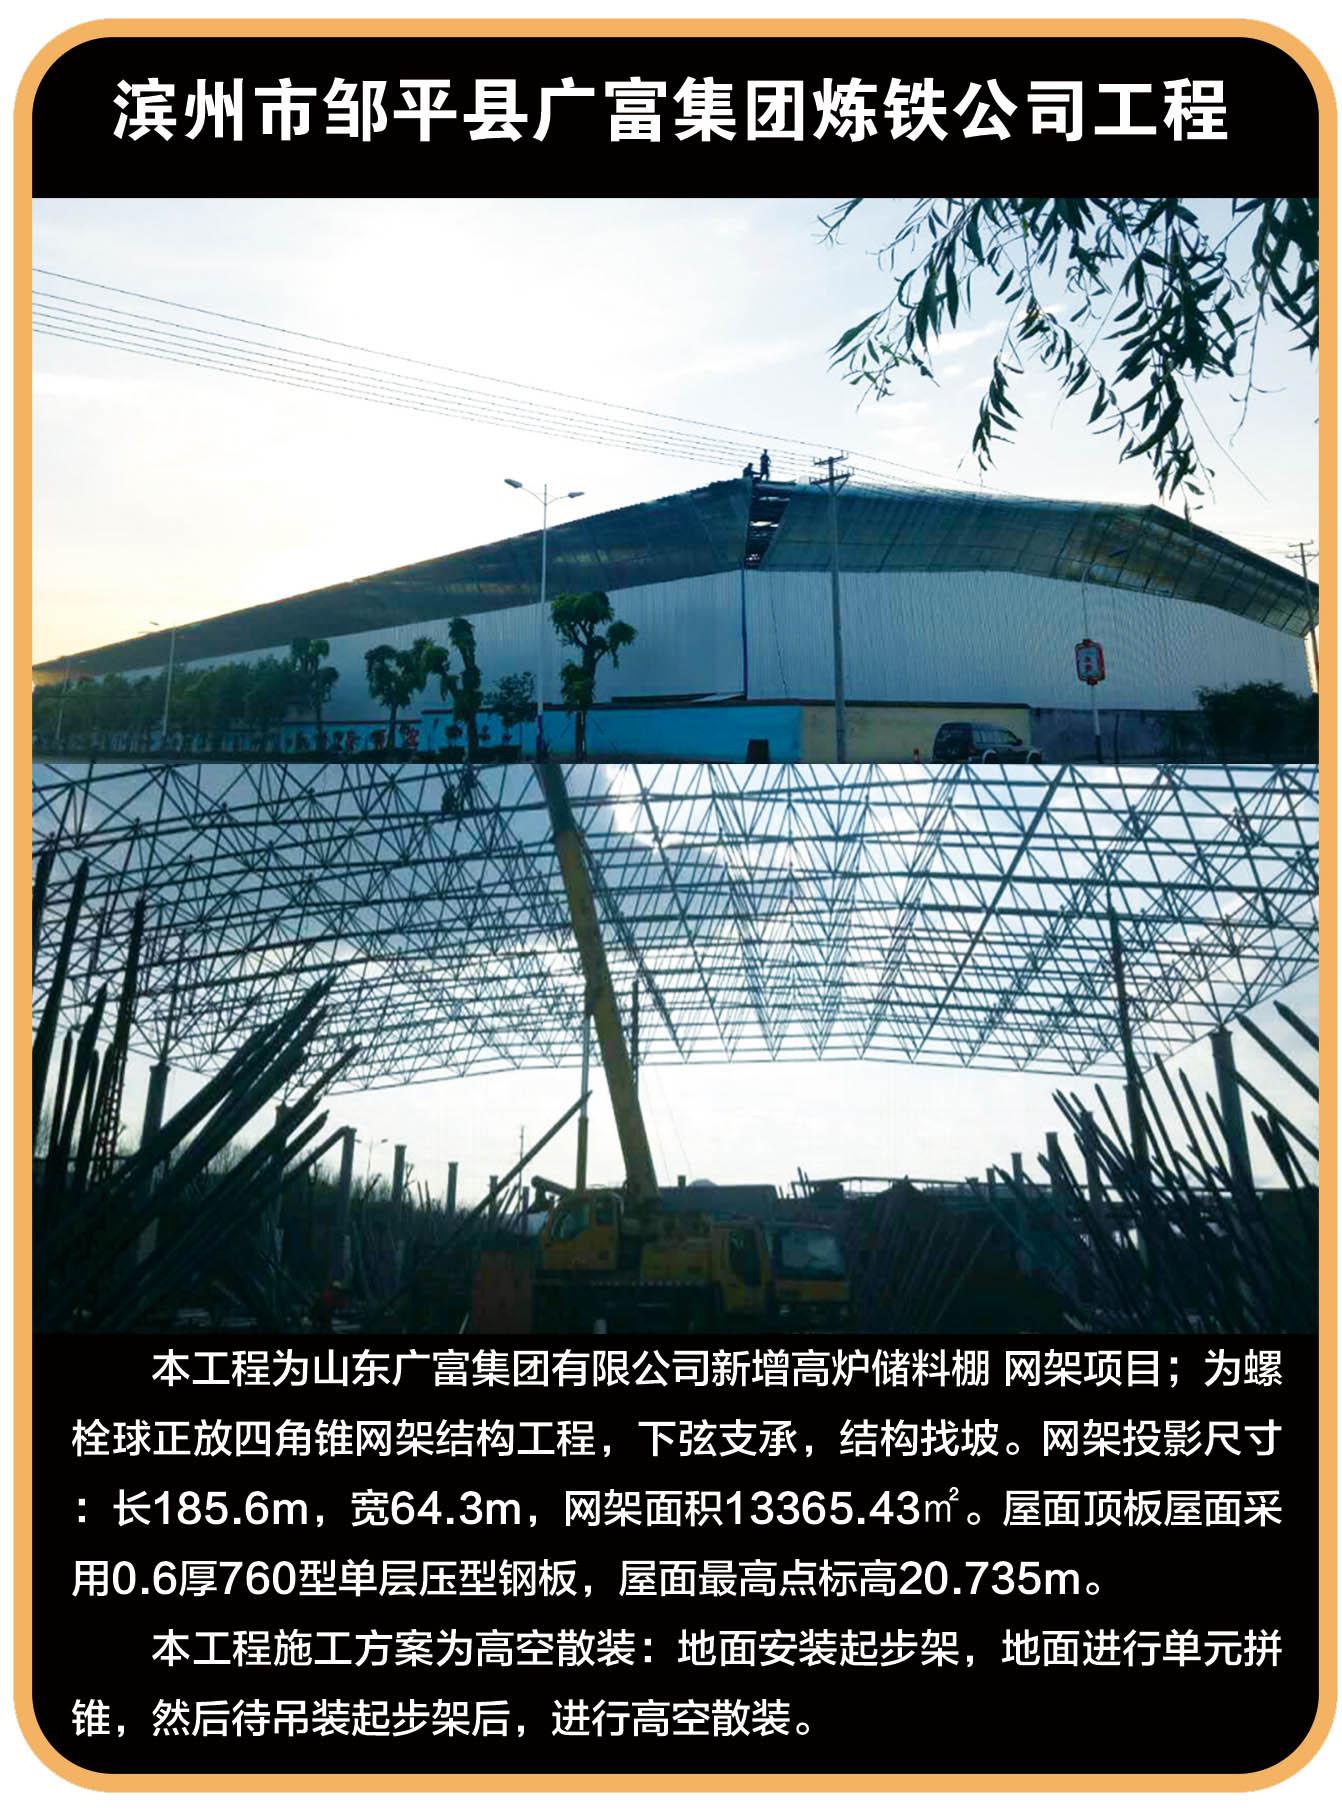 滨州周平广福集团炼铁公司工程